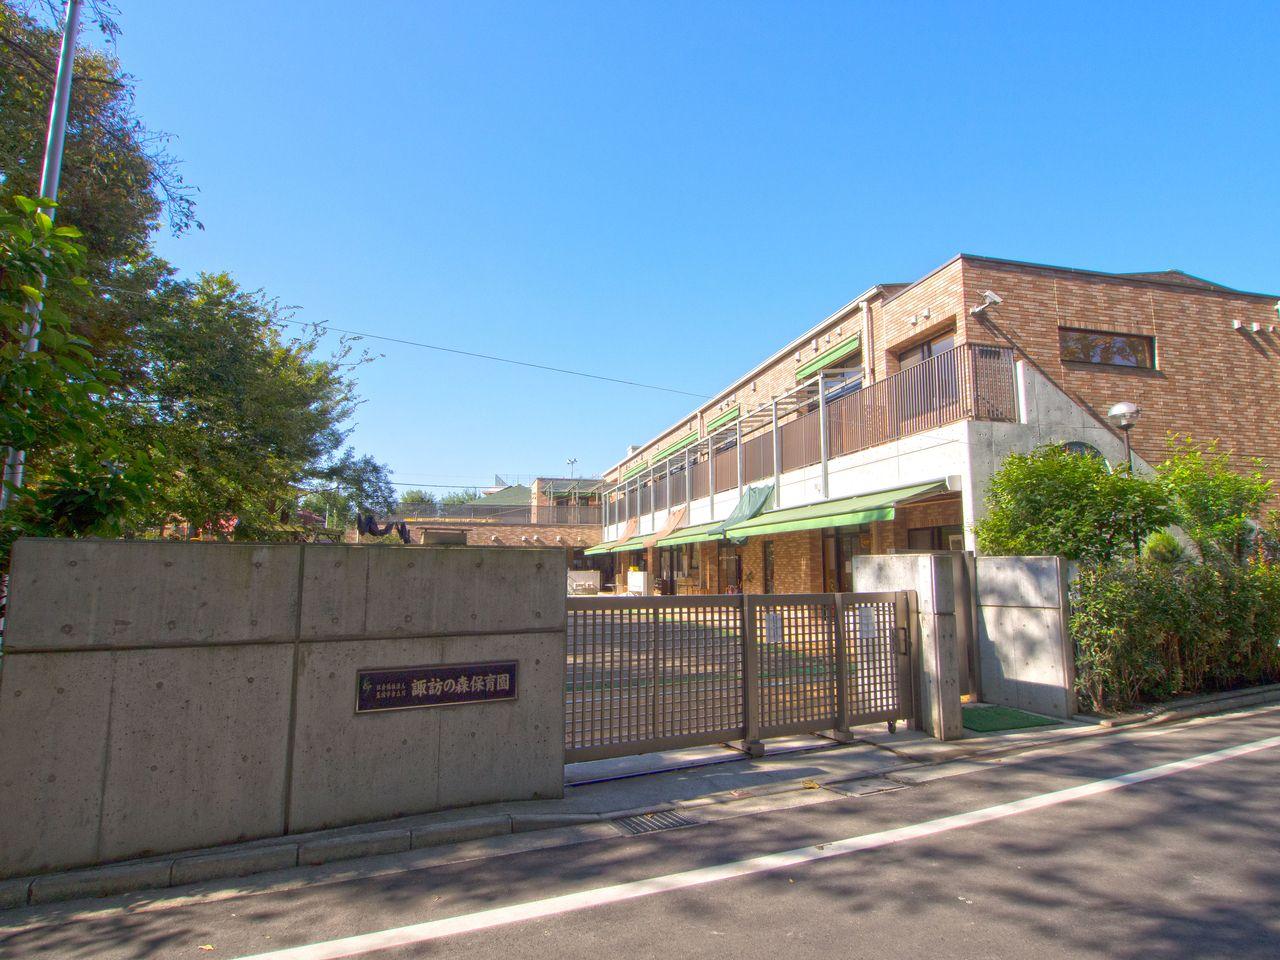 私立の認可保育園